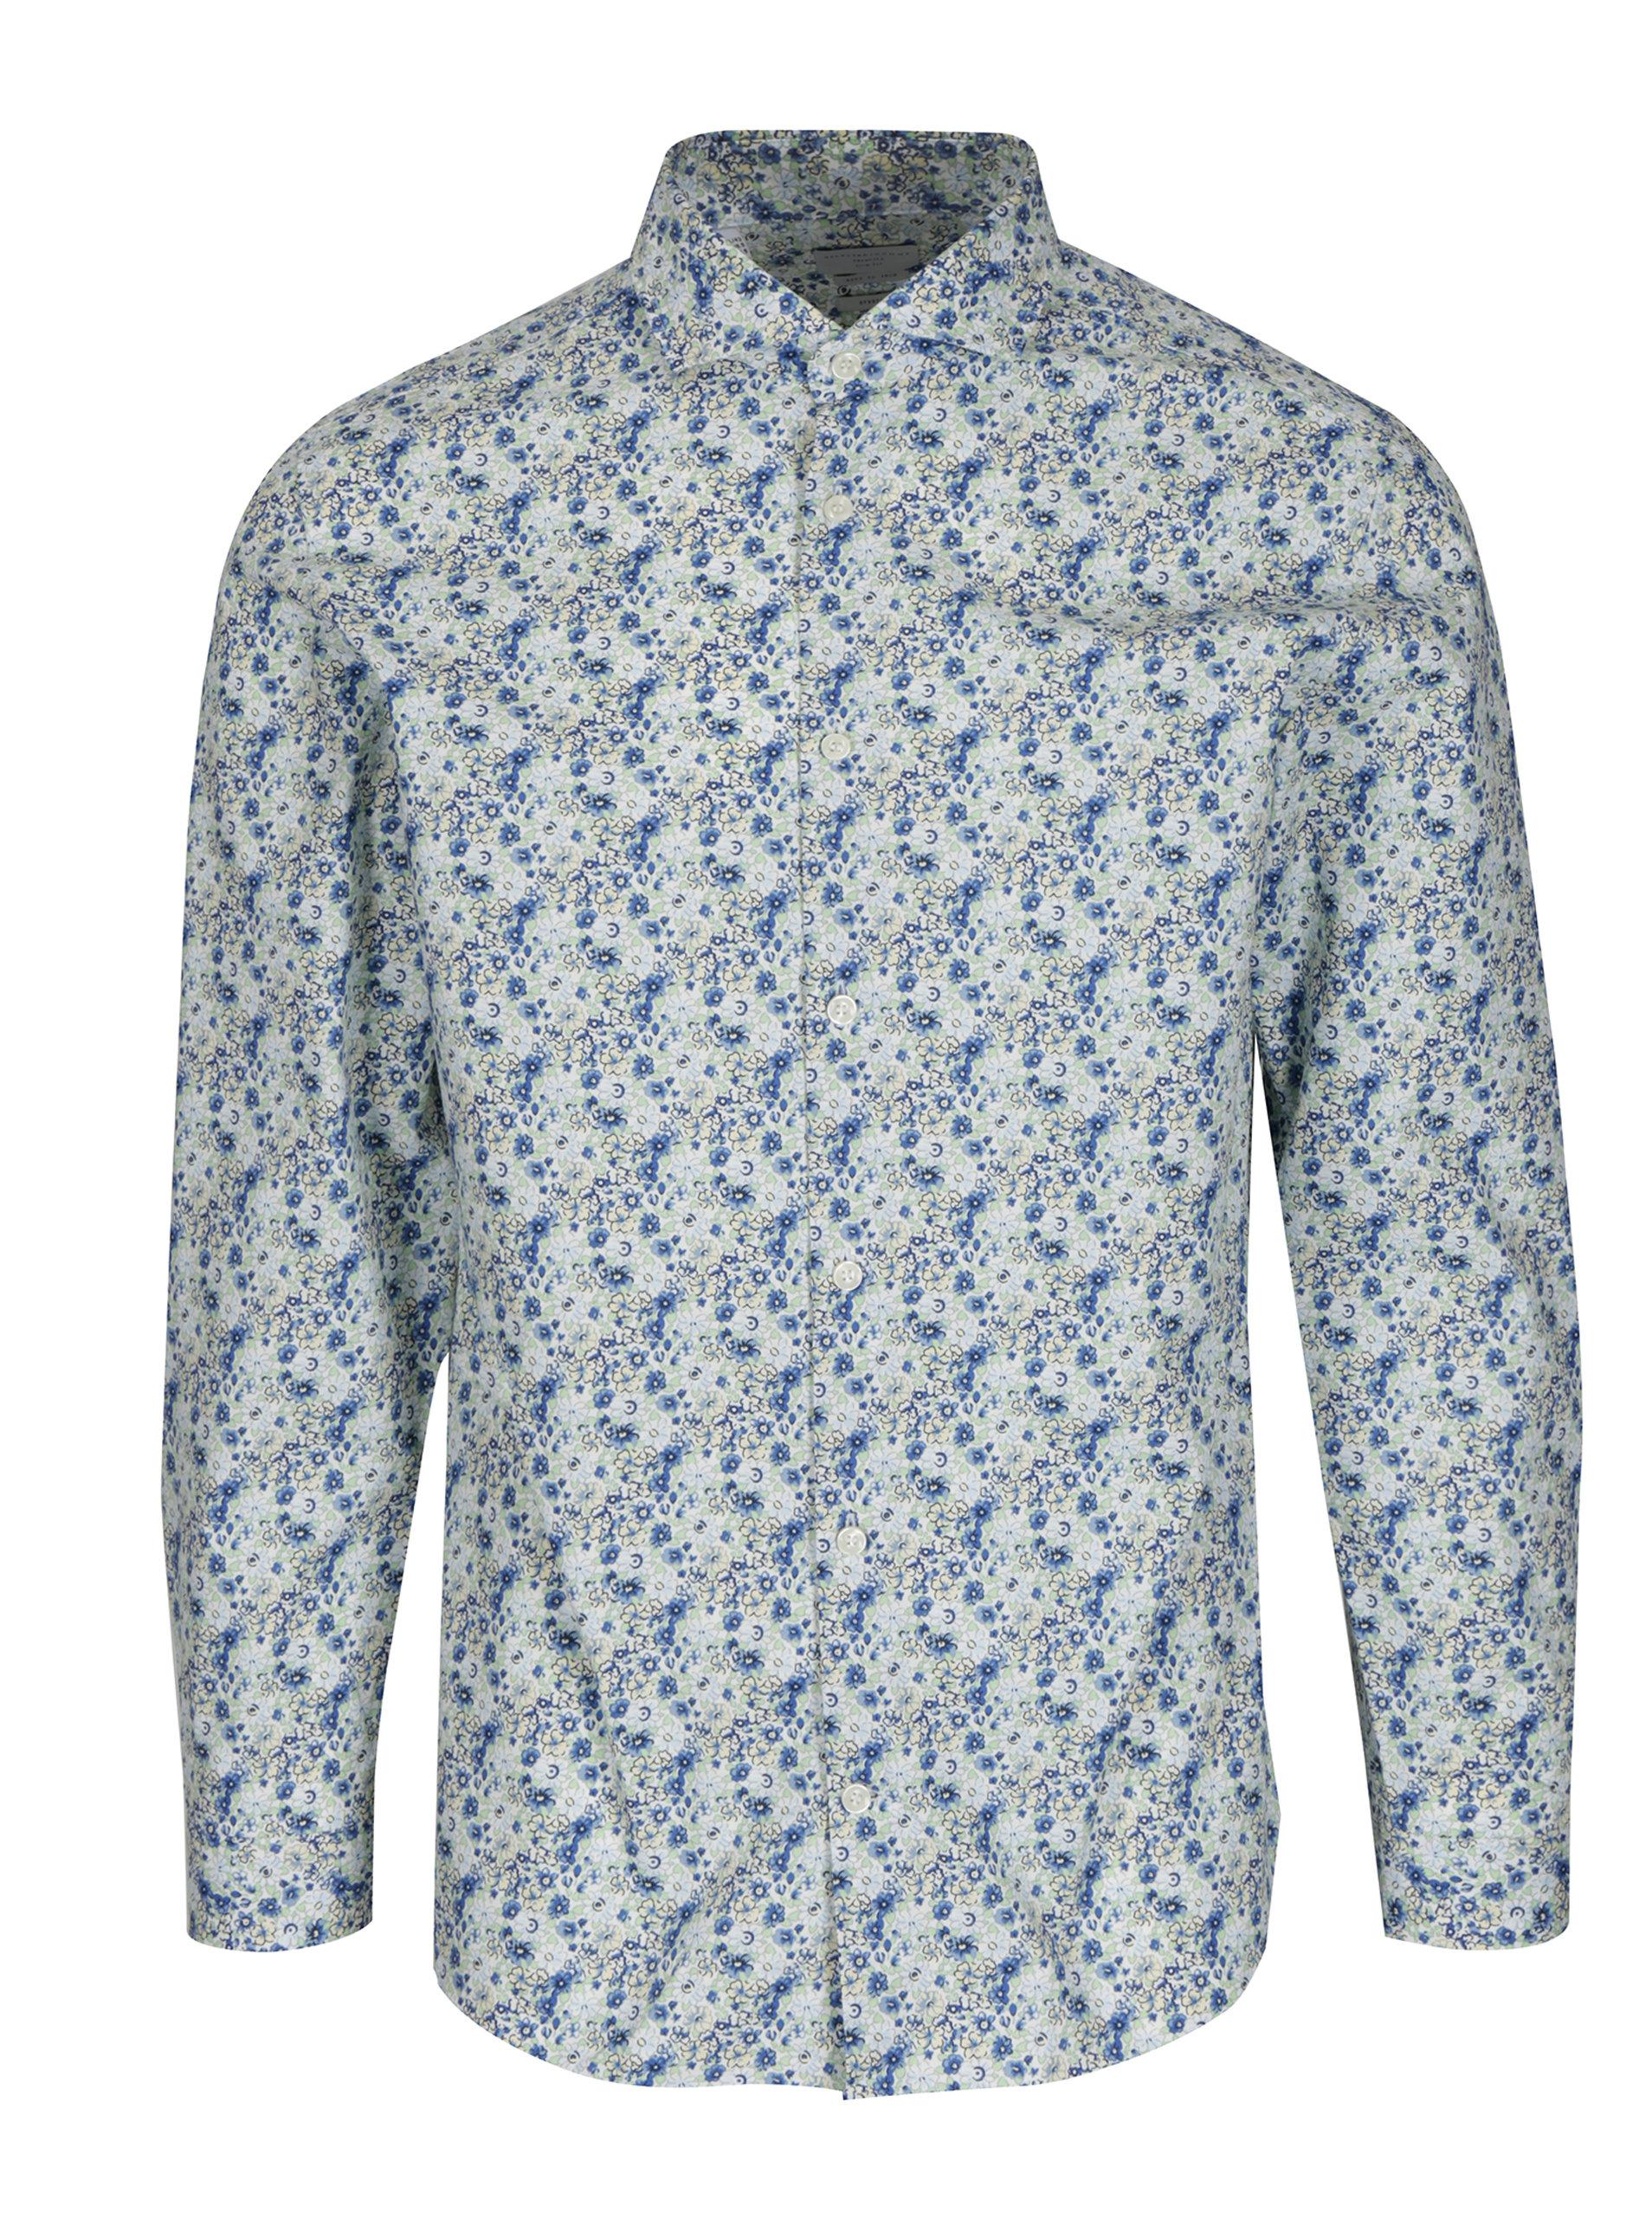 06d9d7c49 Modro-biela kvetovaná slim fit košeľa Selected Homme Do Nesel-Rio ...